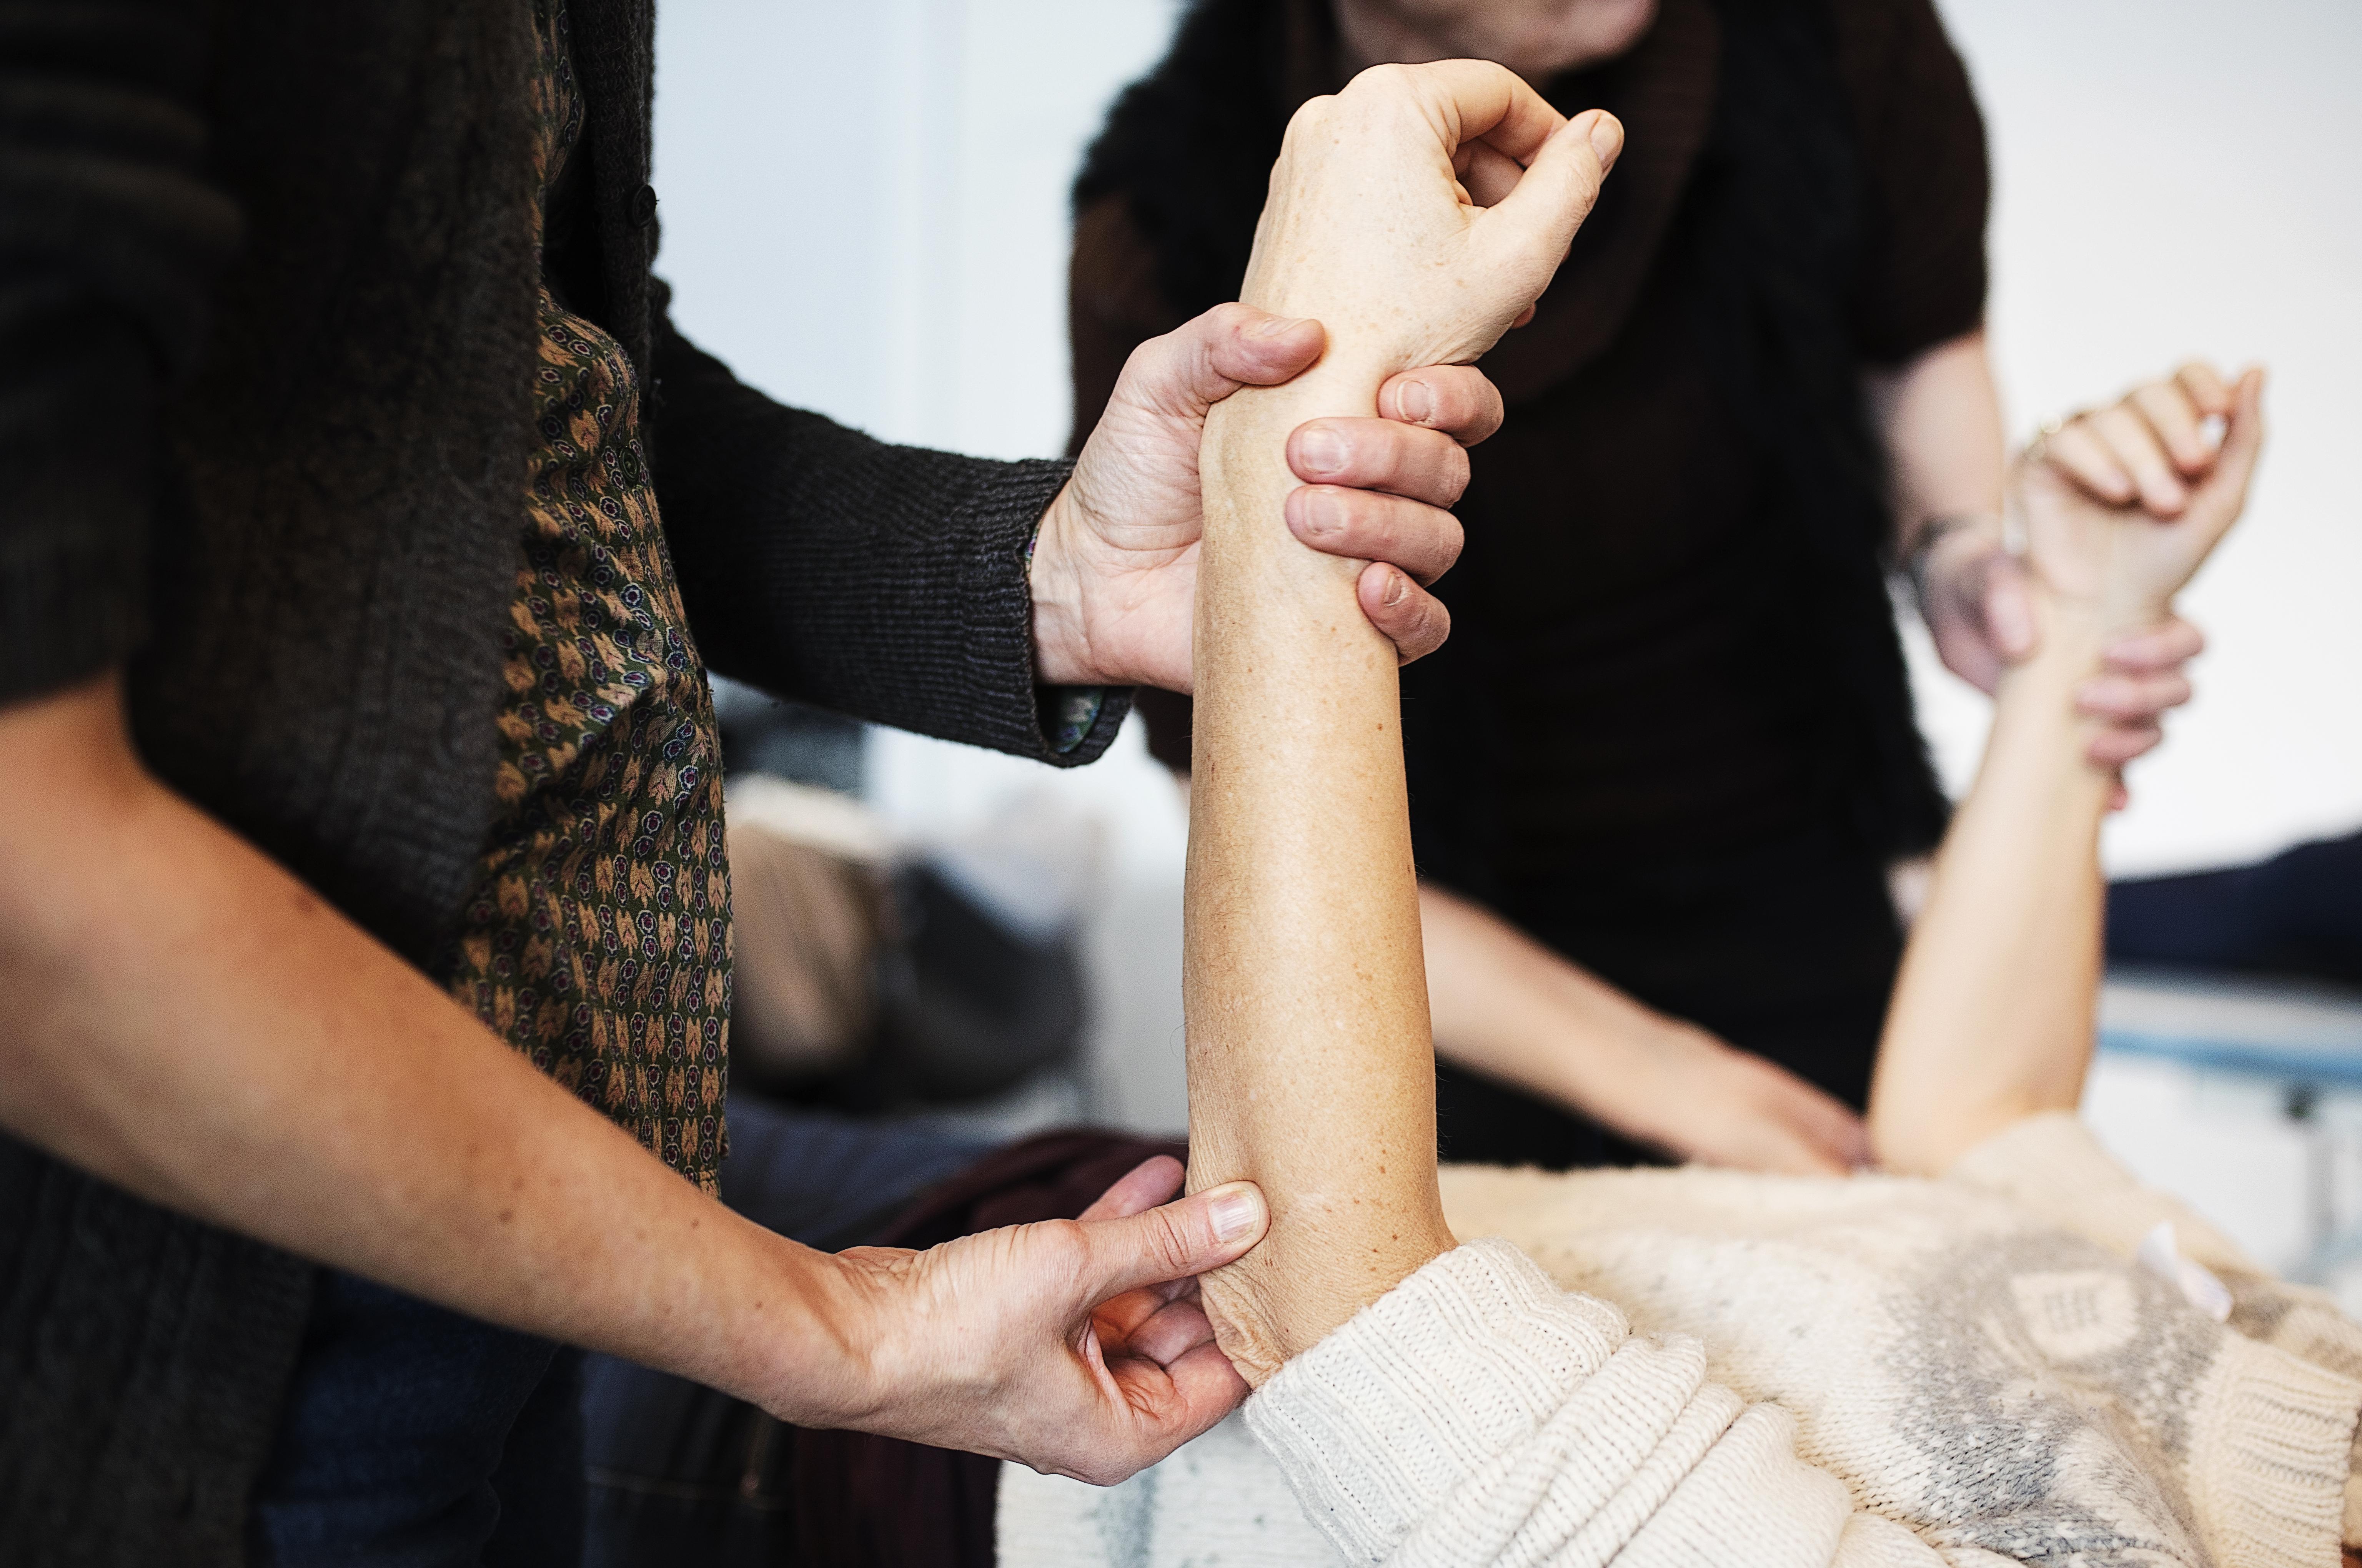 Kursisterne mærker efter de forskellige knoglestrukturer i albuen.